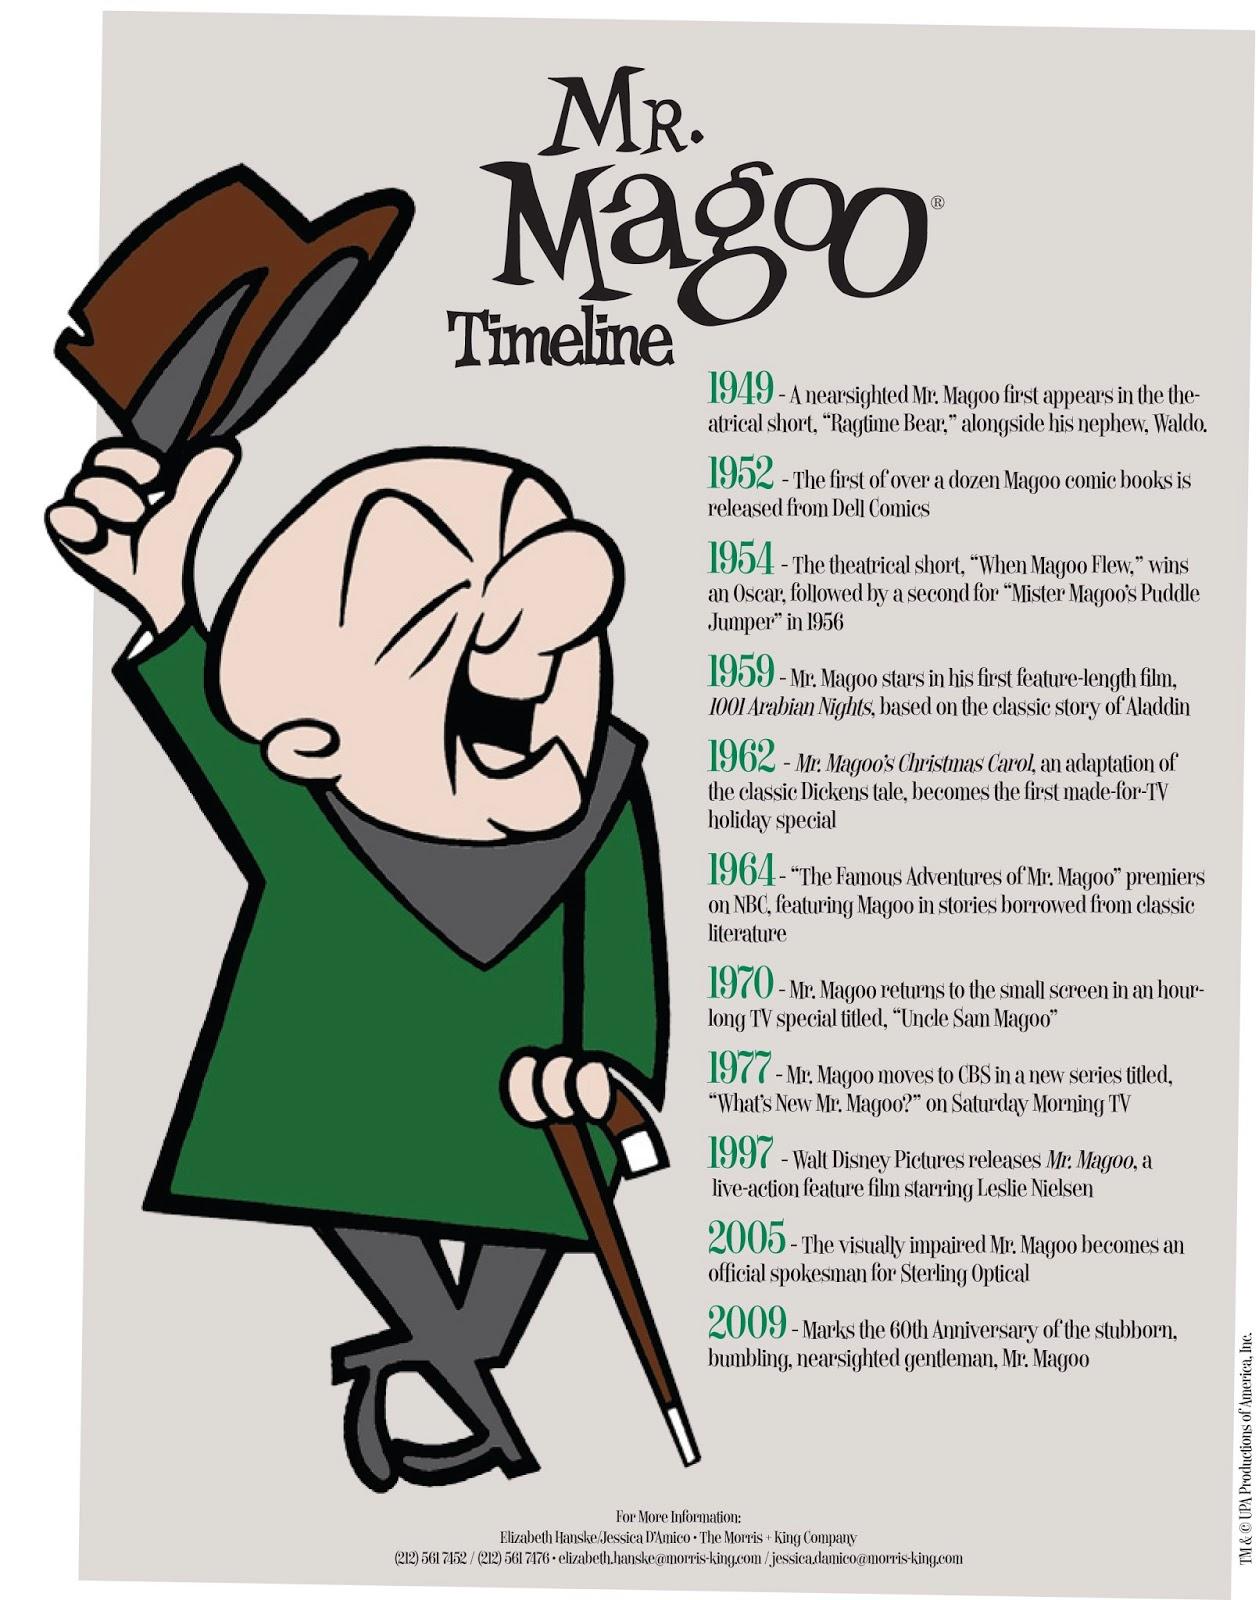 mr magoo timeline